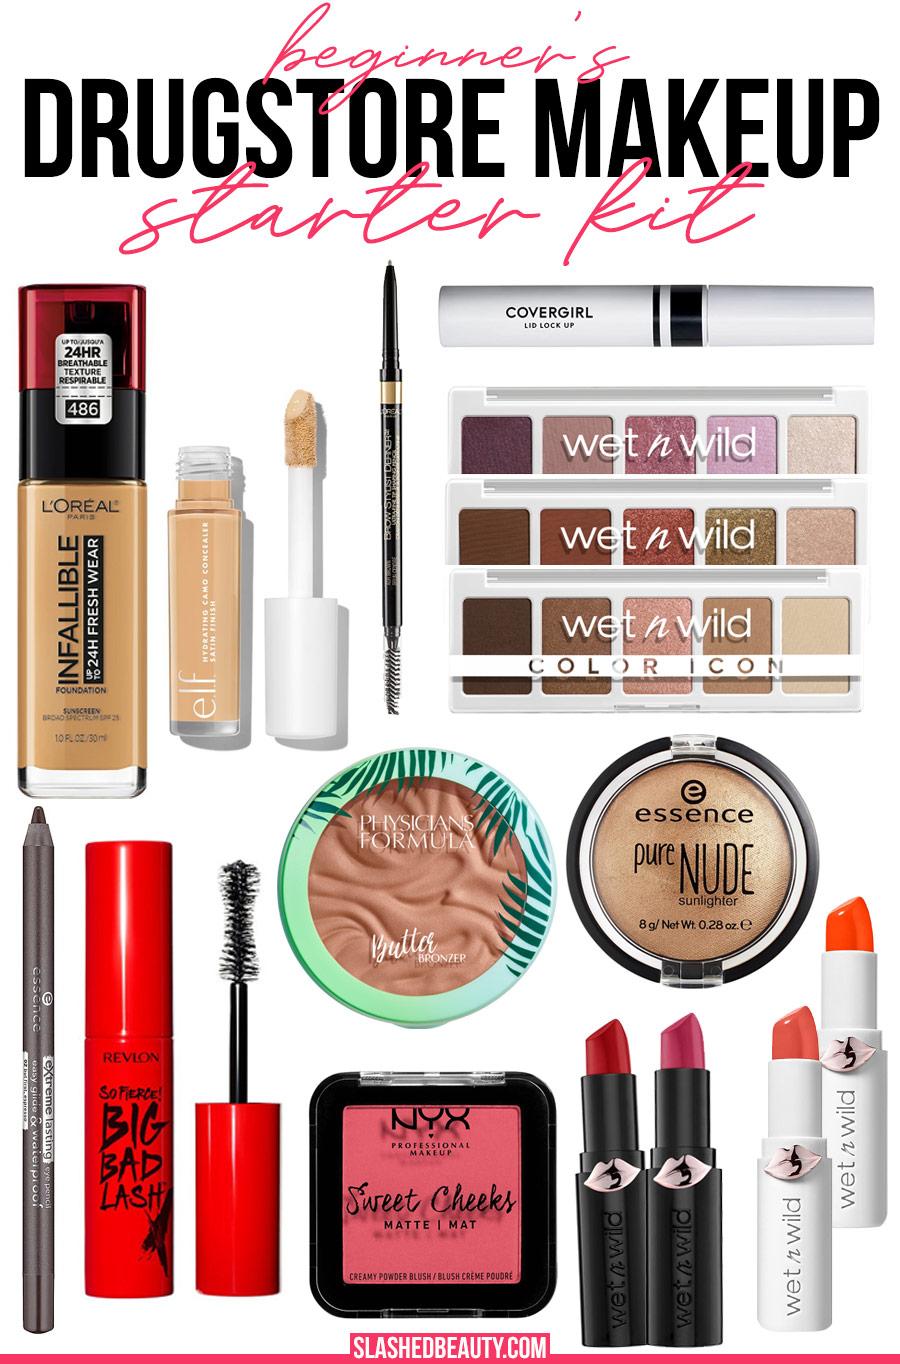 Drugstore Makeup Starter Kit for Beginners Recommendations | Best Drugstore Makeup for Beginners | Slashed Beauty